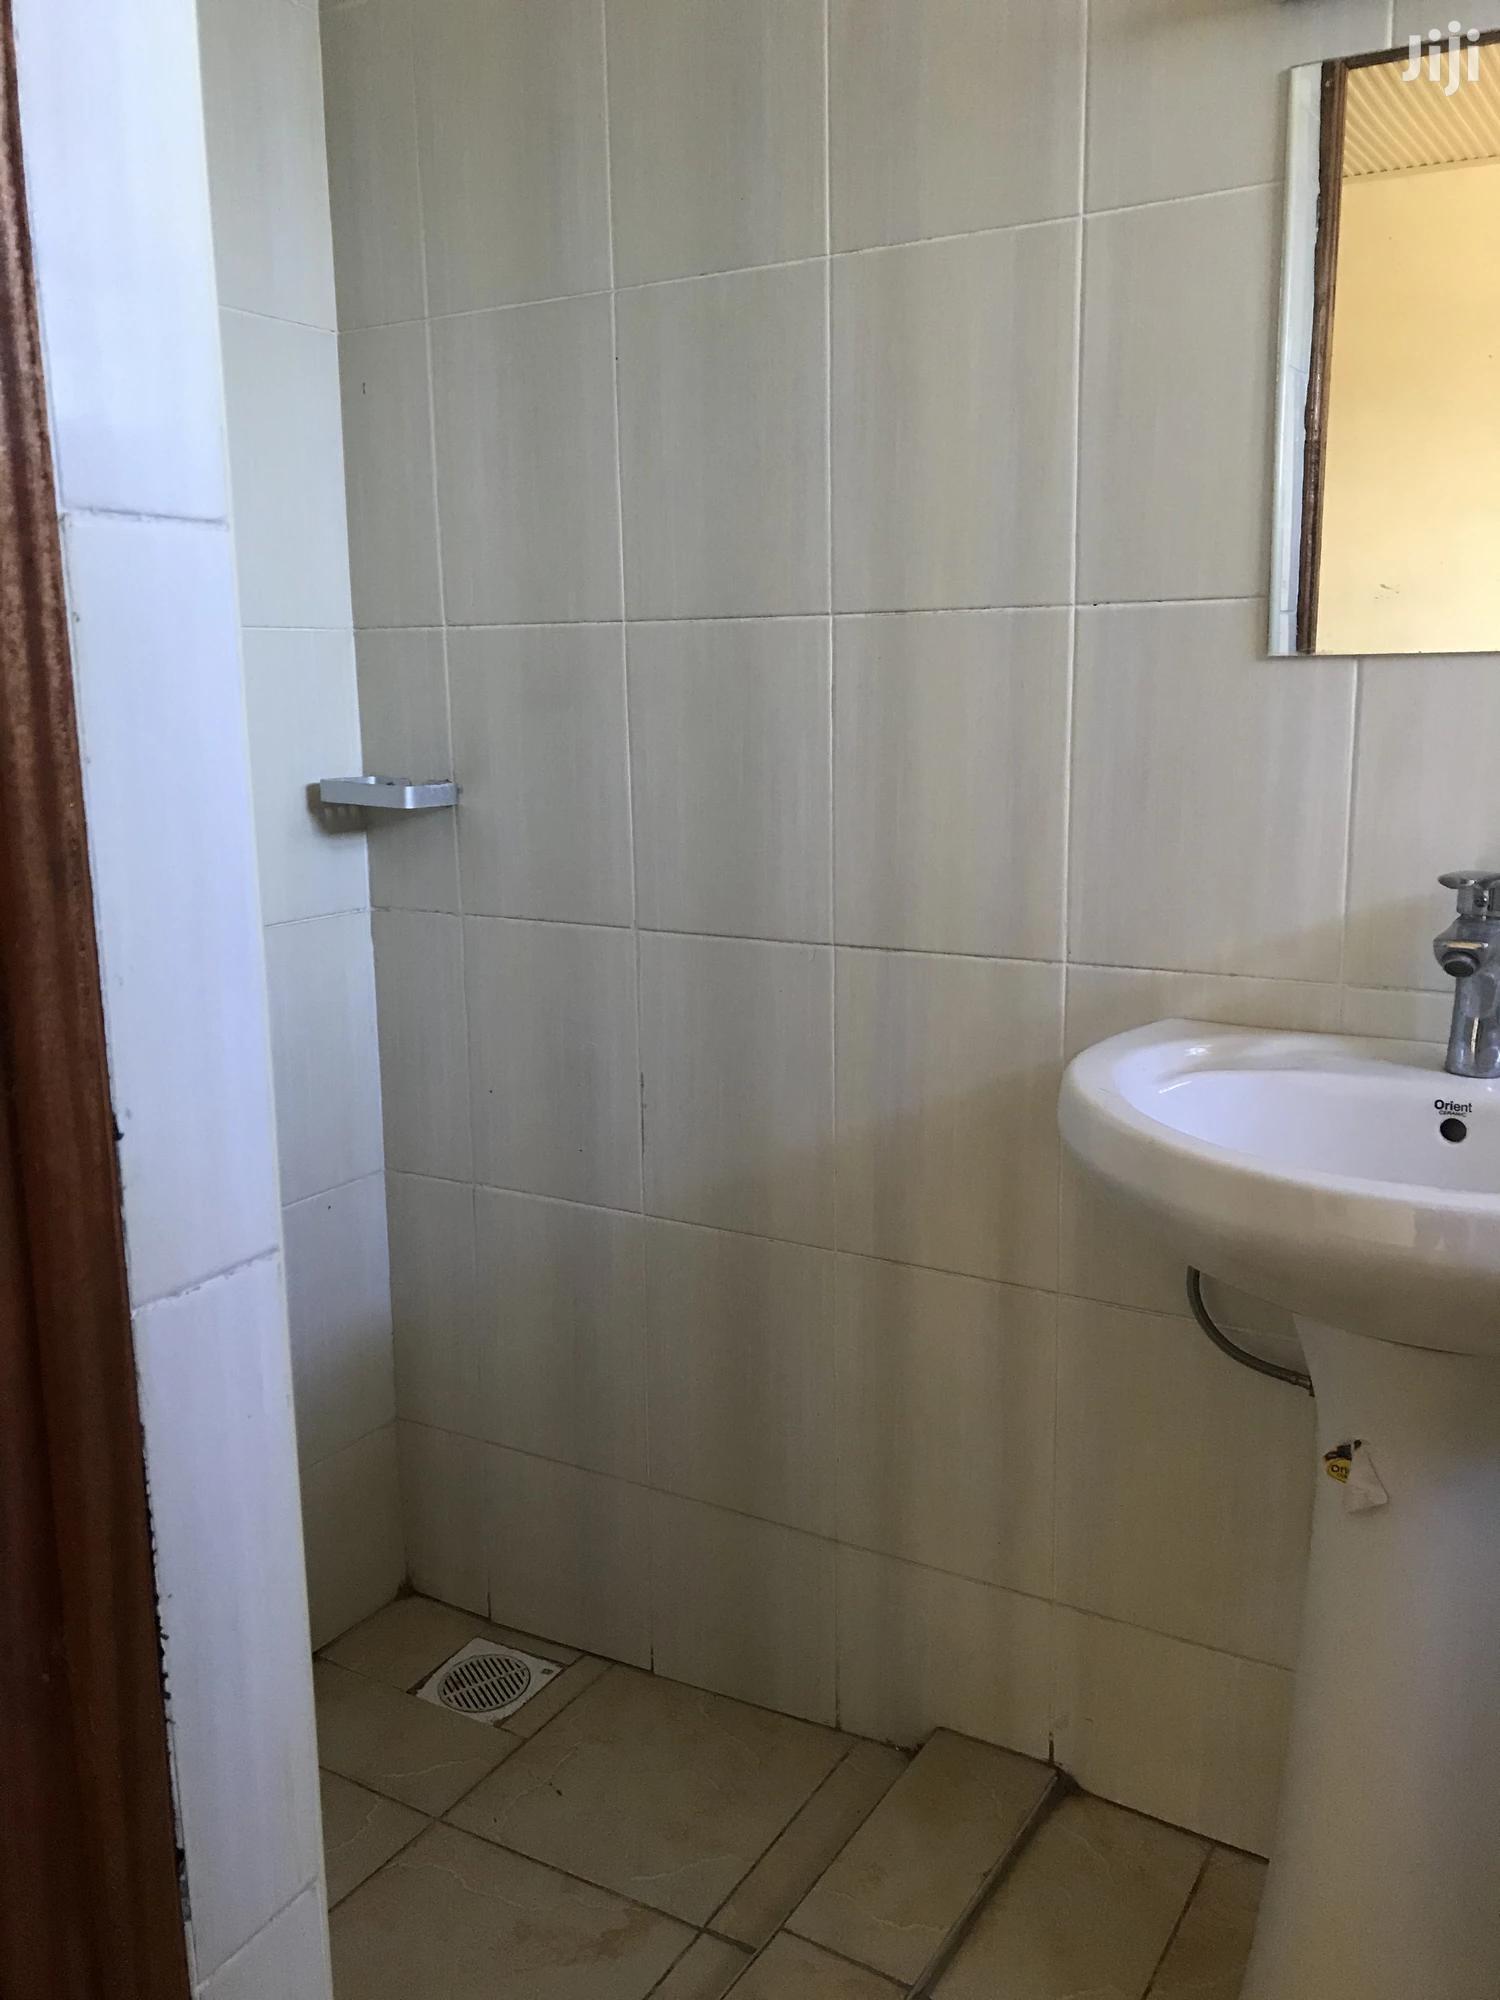 2bedroom /Msuite Syokimau | Houses & Apartments For Rent for sale in Syokimau, Machakos, Kenya